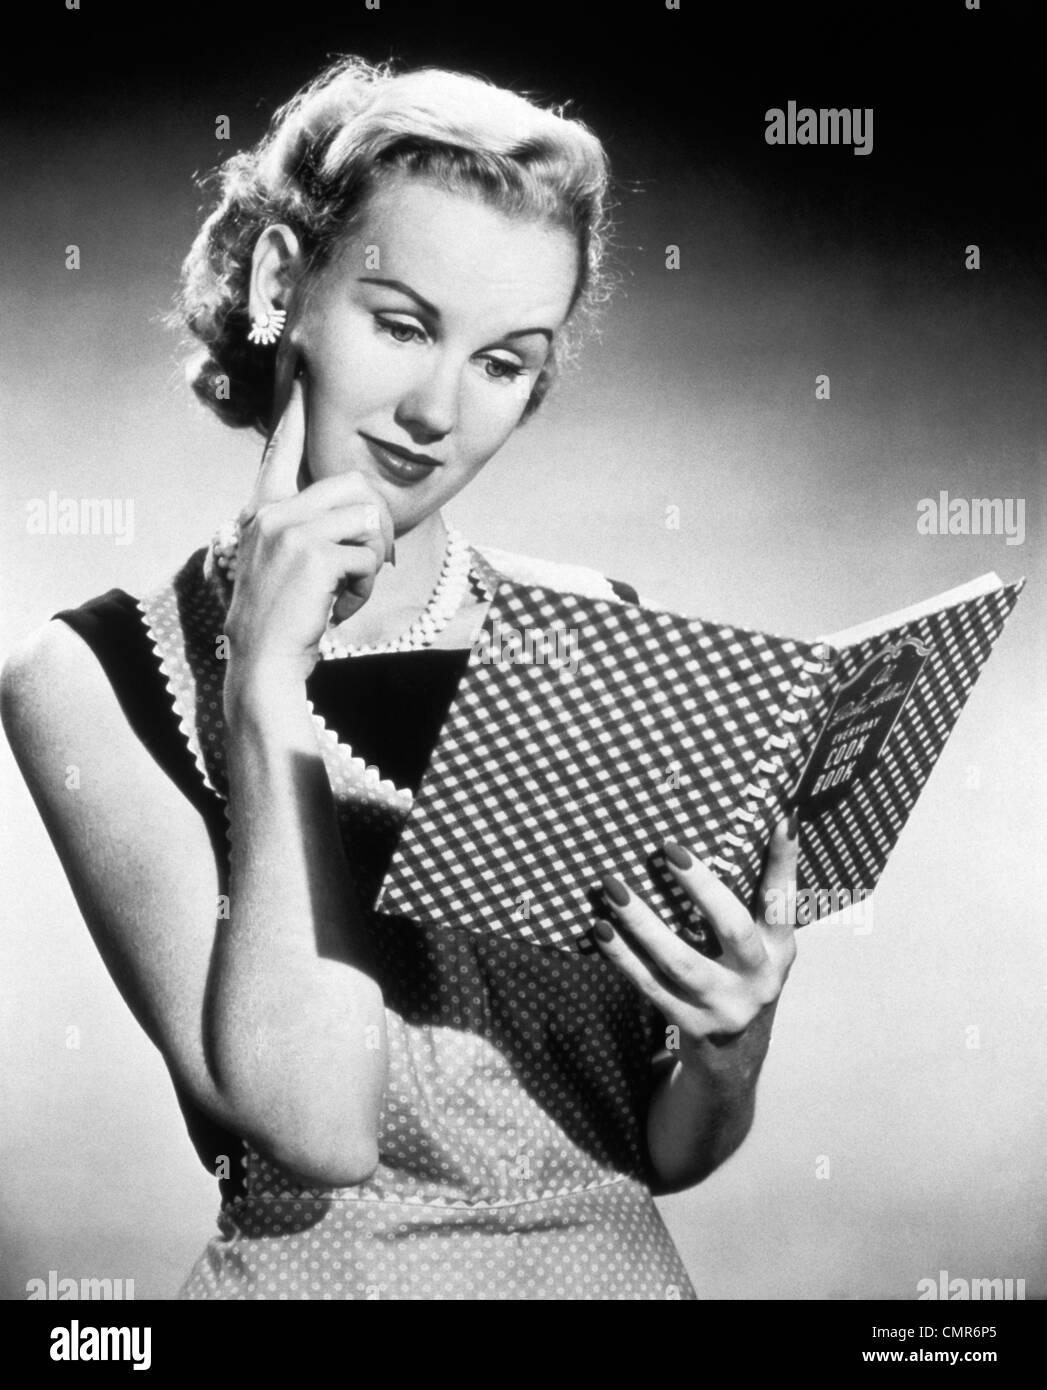 1950 FEMME AU FOYER BLONDE RÉFLÉCHIE LA LECTURE DE LIVRE de cuisinier Photo Stock